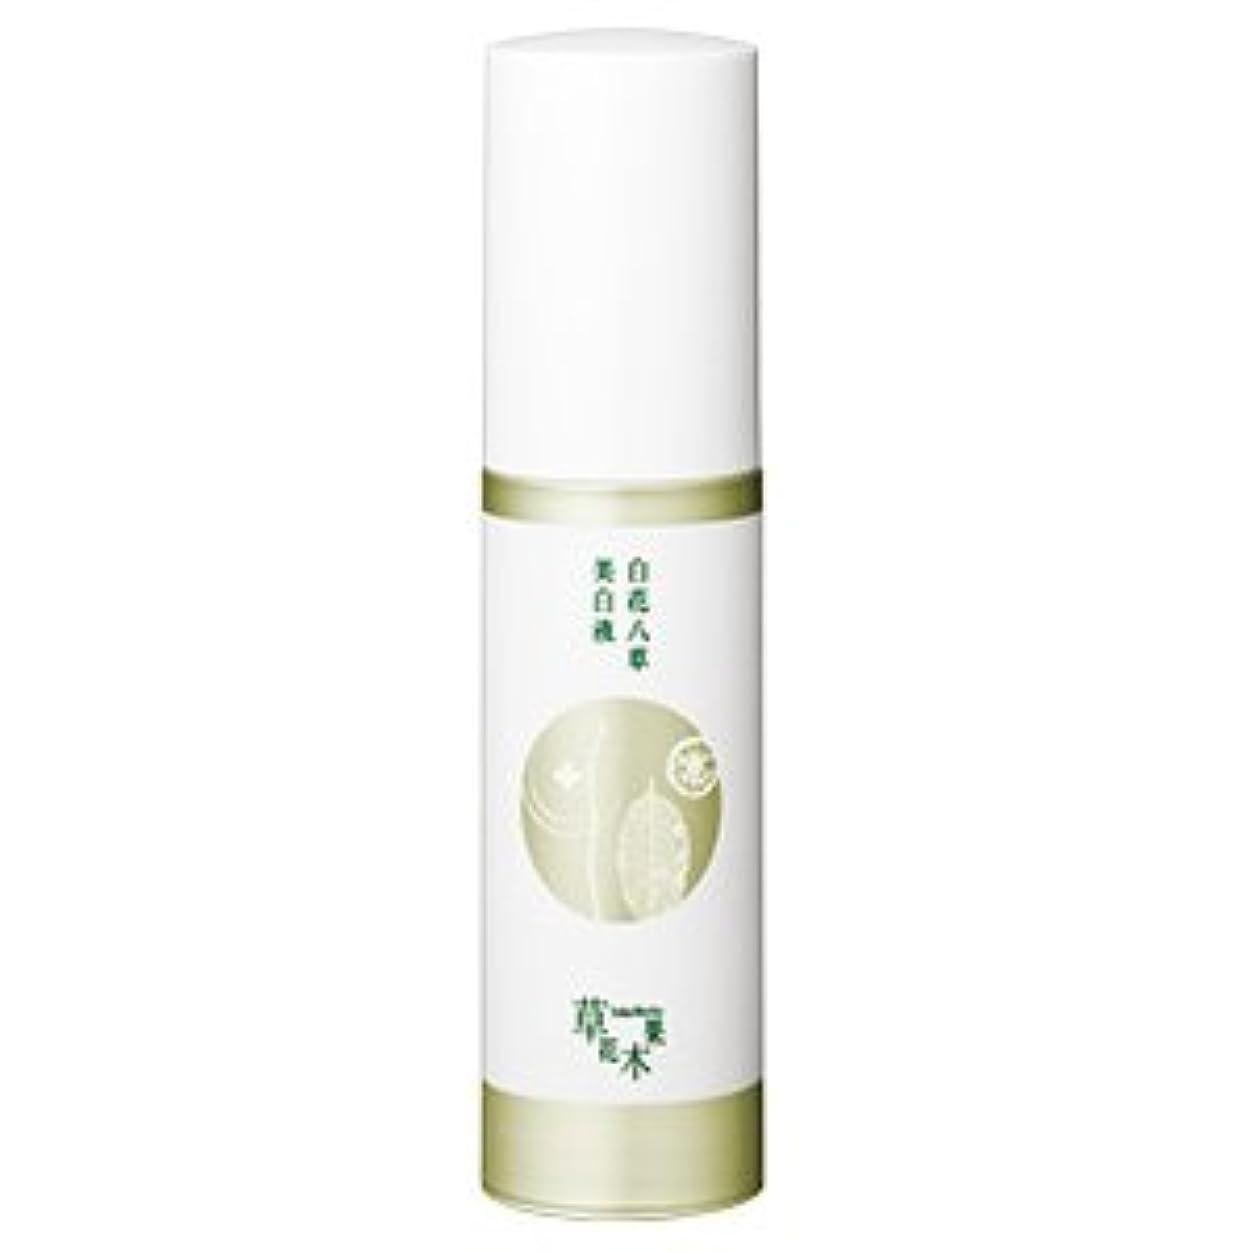 普遍的な非効率的なで出来ている草花木果(そうかもっか) 白花八草美白液(医薬部外品) 30mL